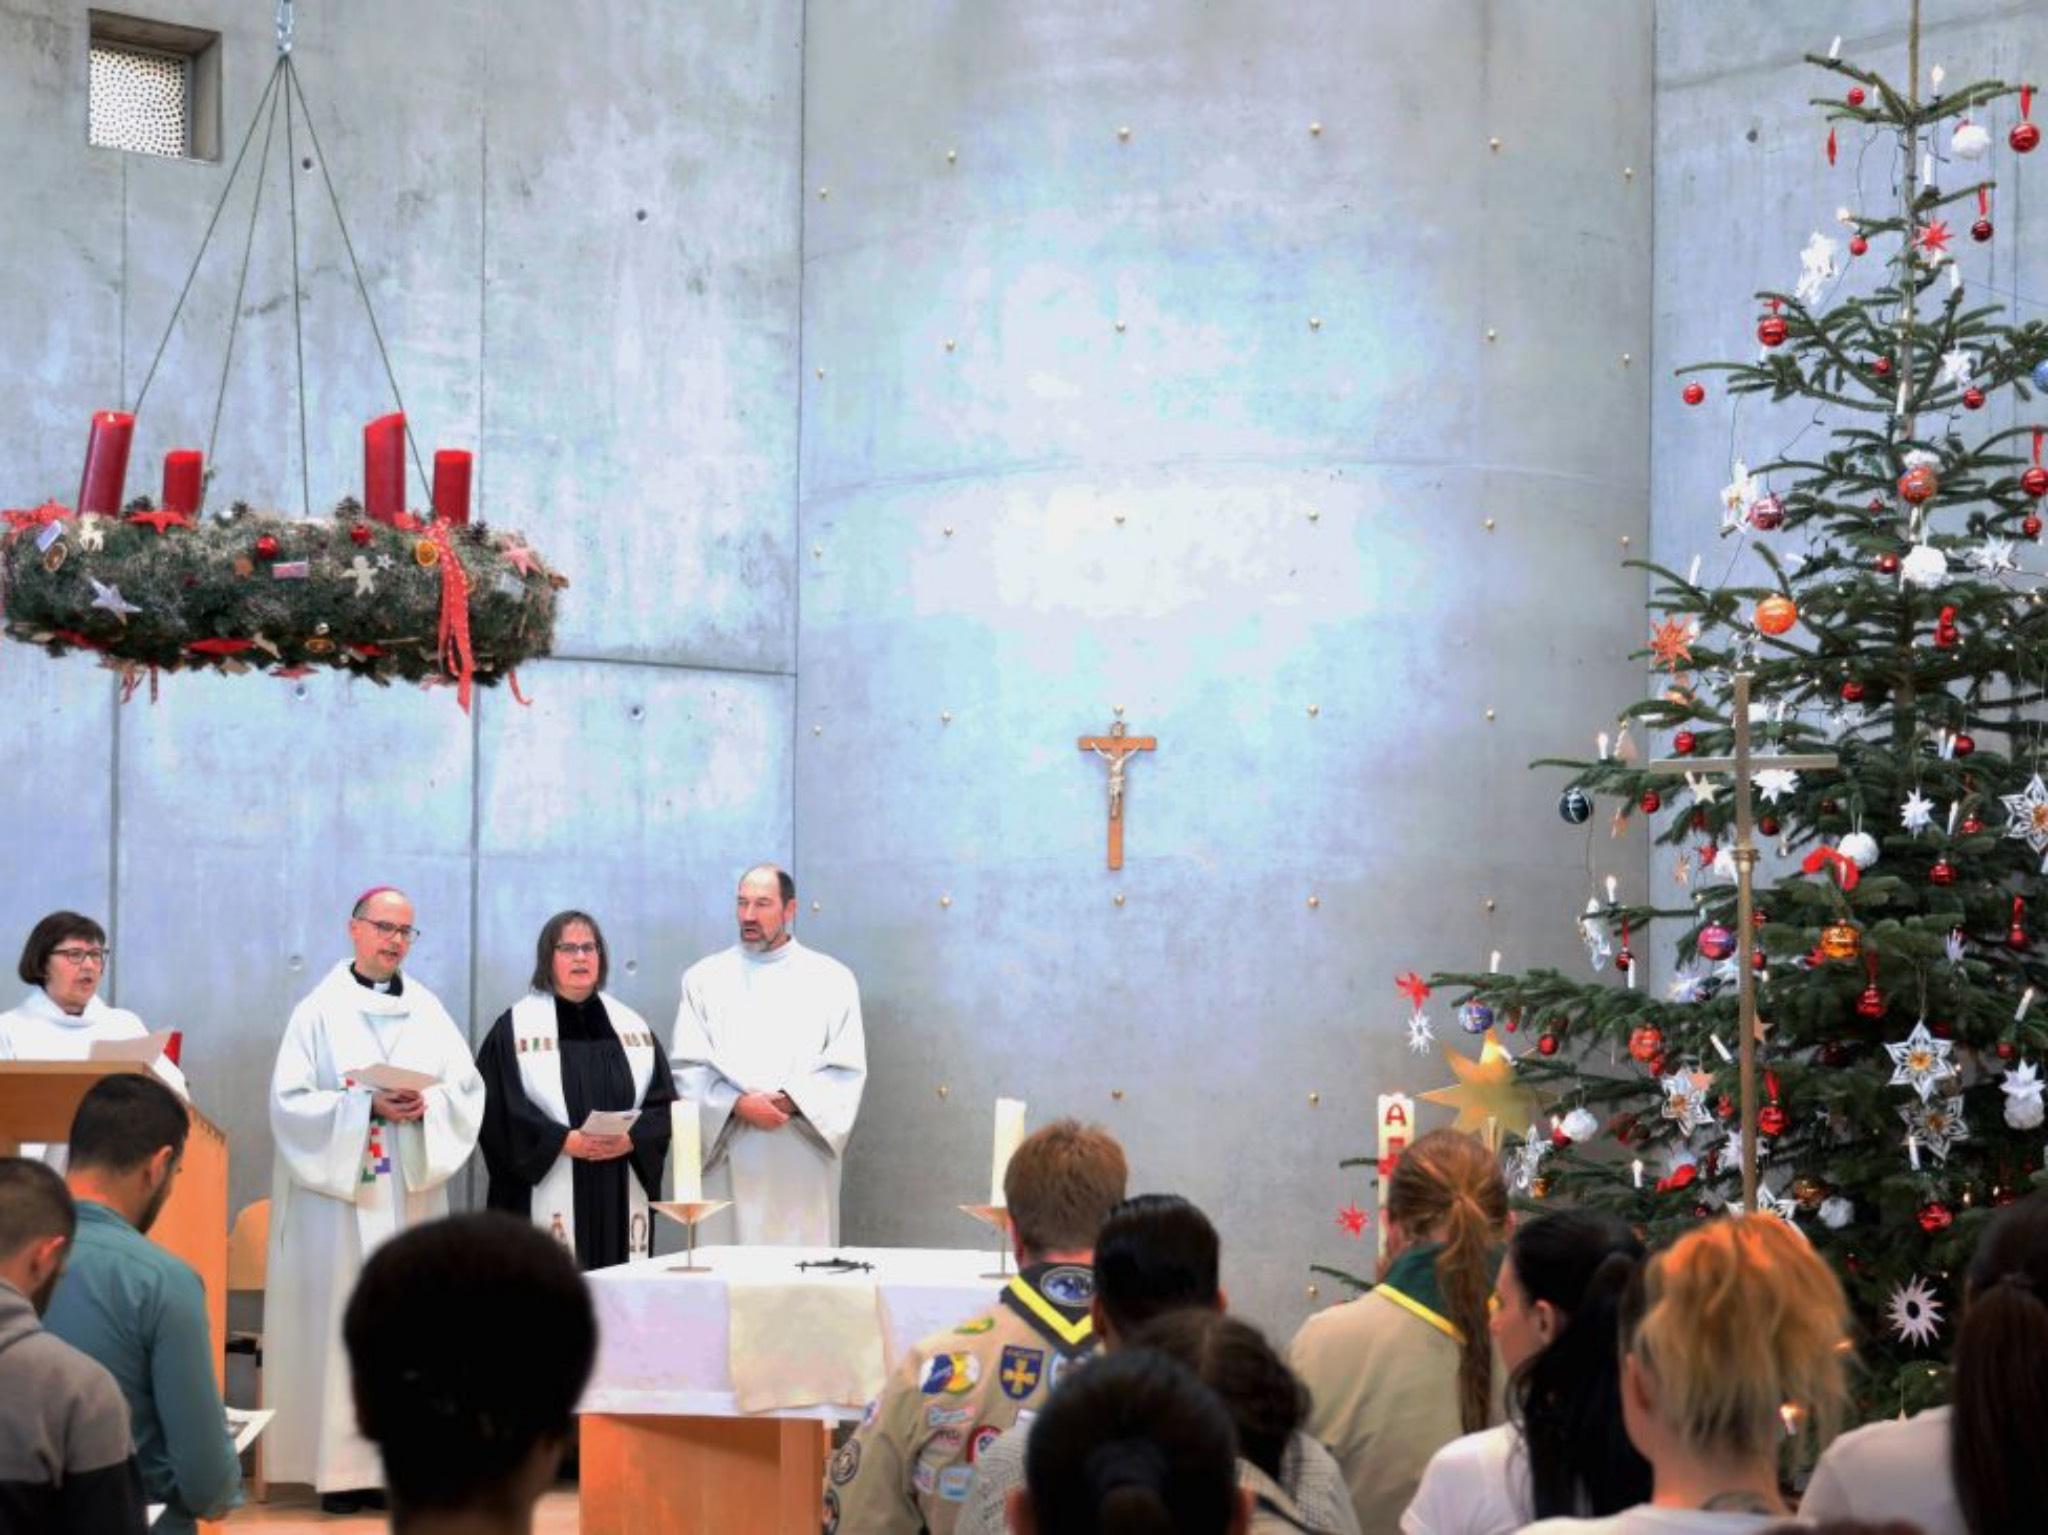 Bischof Jung beim Gottesdienst mit den Gefangenen in der JVA. Foto: Markus Hauck/POW